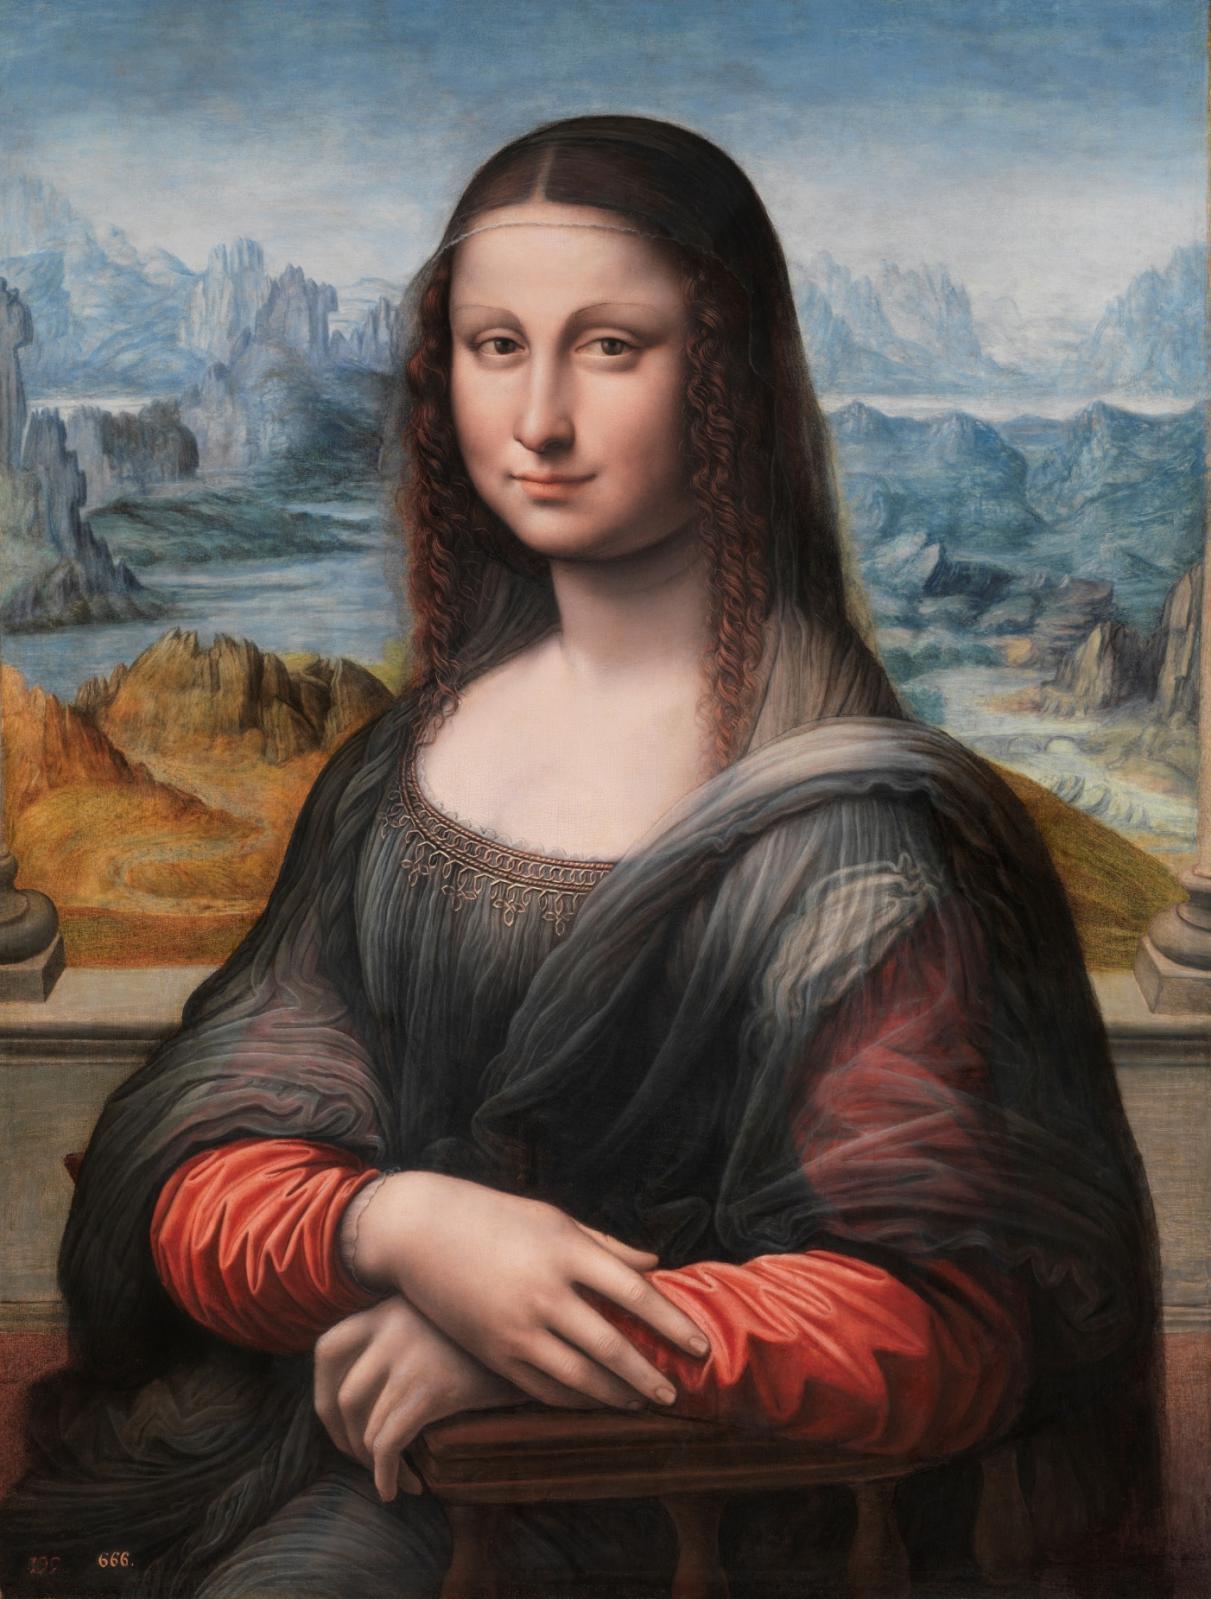 Atelier de Léonard de Vinci, vers 1503-1519, huile sur noyer.